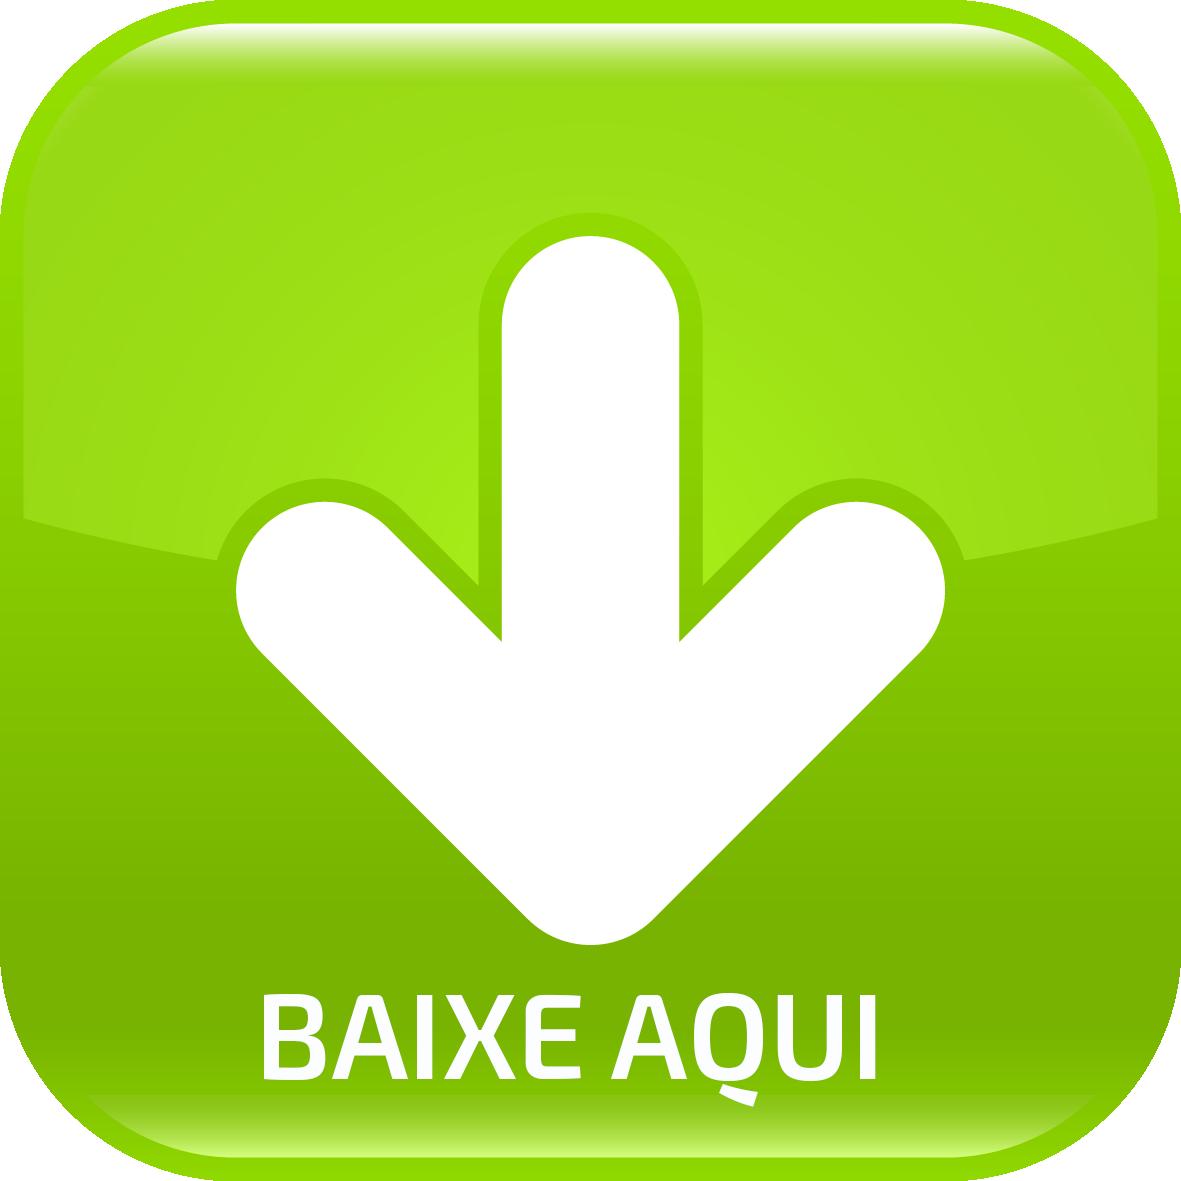 BOTAO BAIXE AQUI